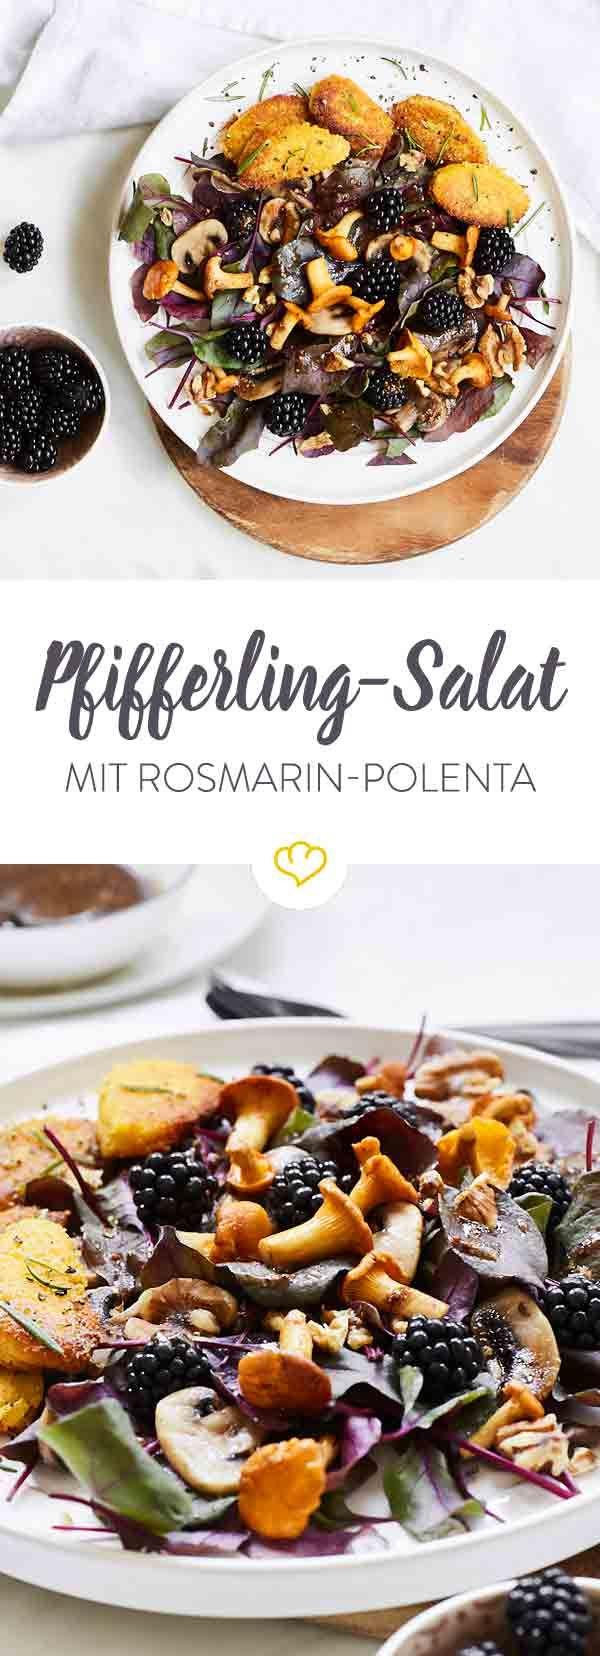 248 best Cucina della mamma - italienische Küche images on Pinterest ...